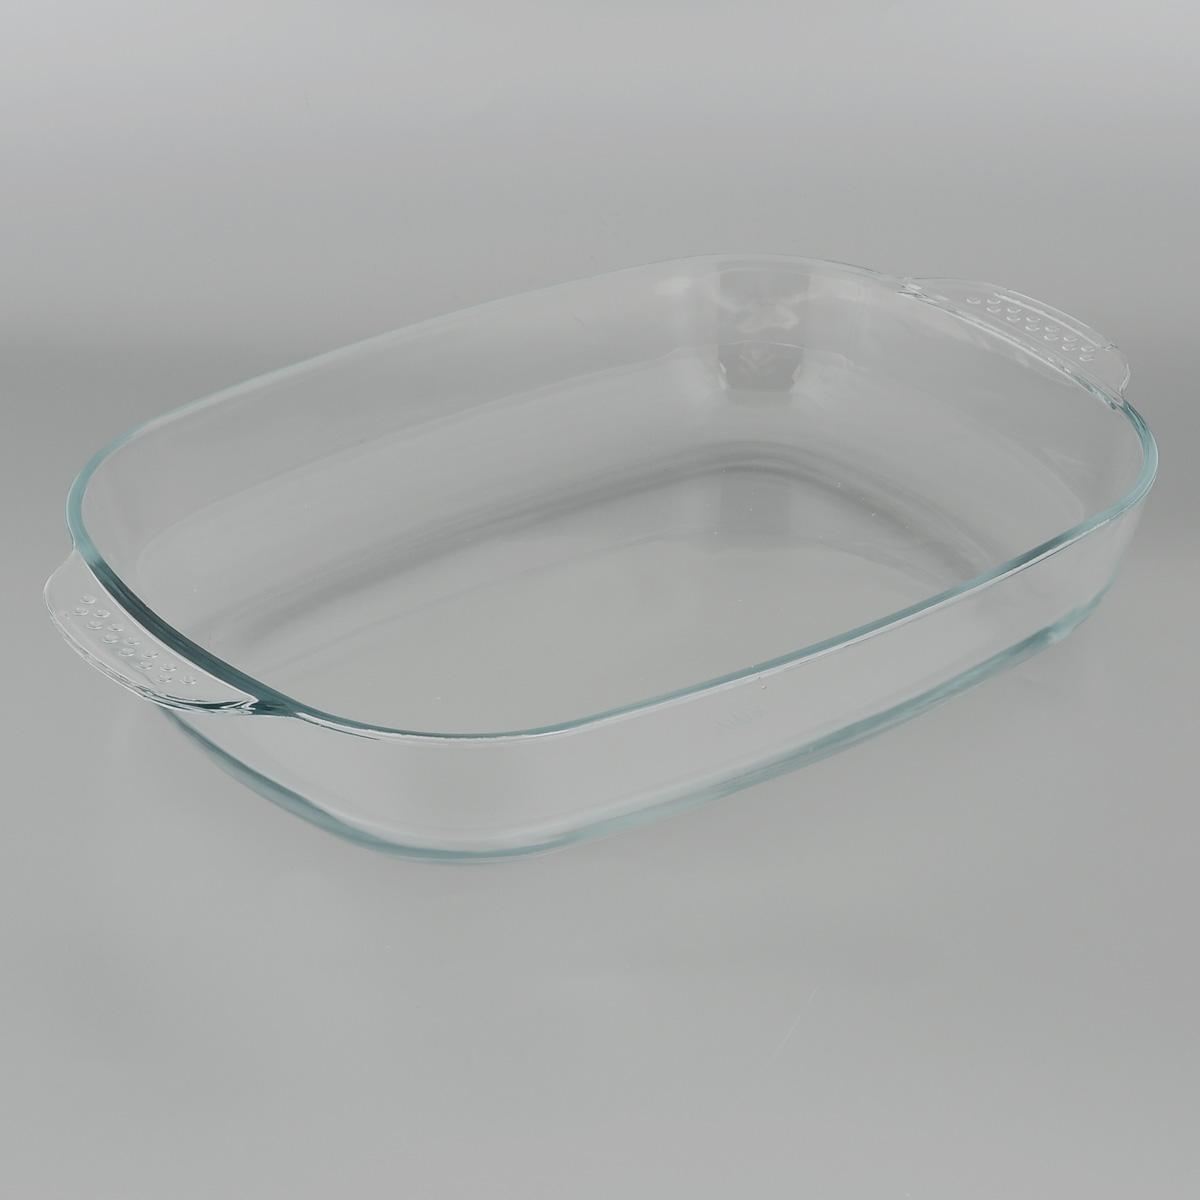 Форма для запекания Едим Дома, прямоугольная, 34 х 22 смPVH5Прямоугольная форма для запекания Едим Дома изготовлена из жаропрочного стекла, которое выдерживает температуру до +450°С. Форма предназначена для приготовления горячих блюд. Оснащена двумя ручками. Материал изделия гигиеничен, прост в уходе и обладает высокой степенью прочности. Форма идеально подходит для использования в духовках, микроволновых печах, холодильниках и морозильных камерах. Также ее можно использовать на газовых плитах (на слабом огне) и на электроплитах. Можно мыть в посудомоечной машине.Внутренний размер формы: 29 см х 22 см.Внешний размер формы (с учетом ручек): 34 см х 22 см. Высота стенки формы: 6 см.